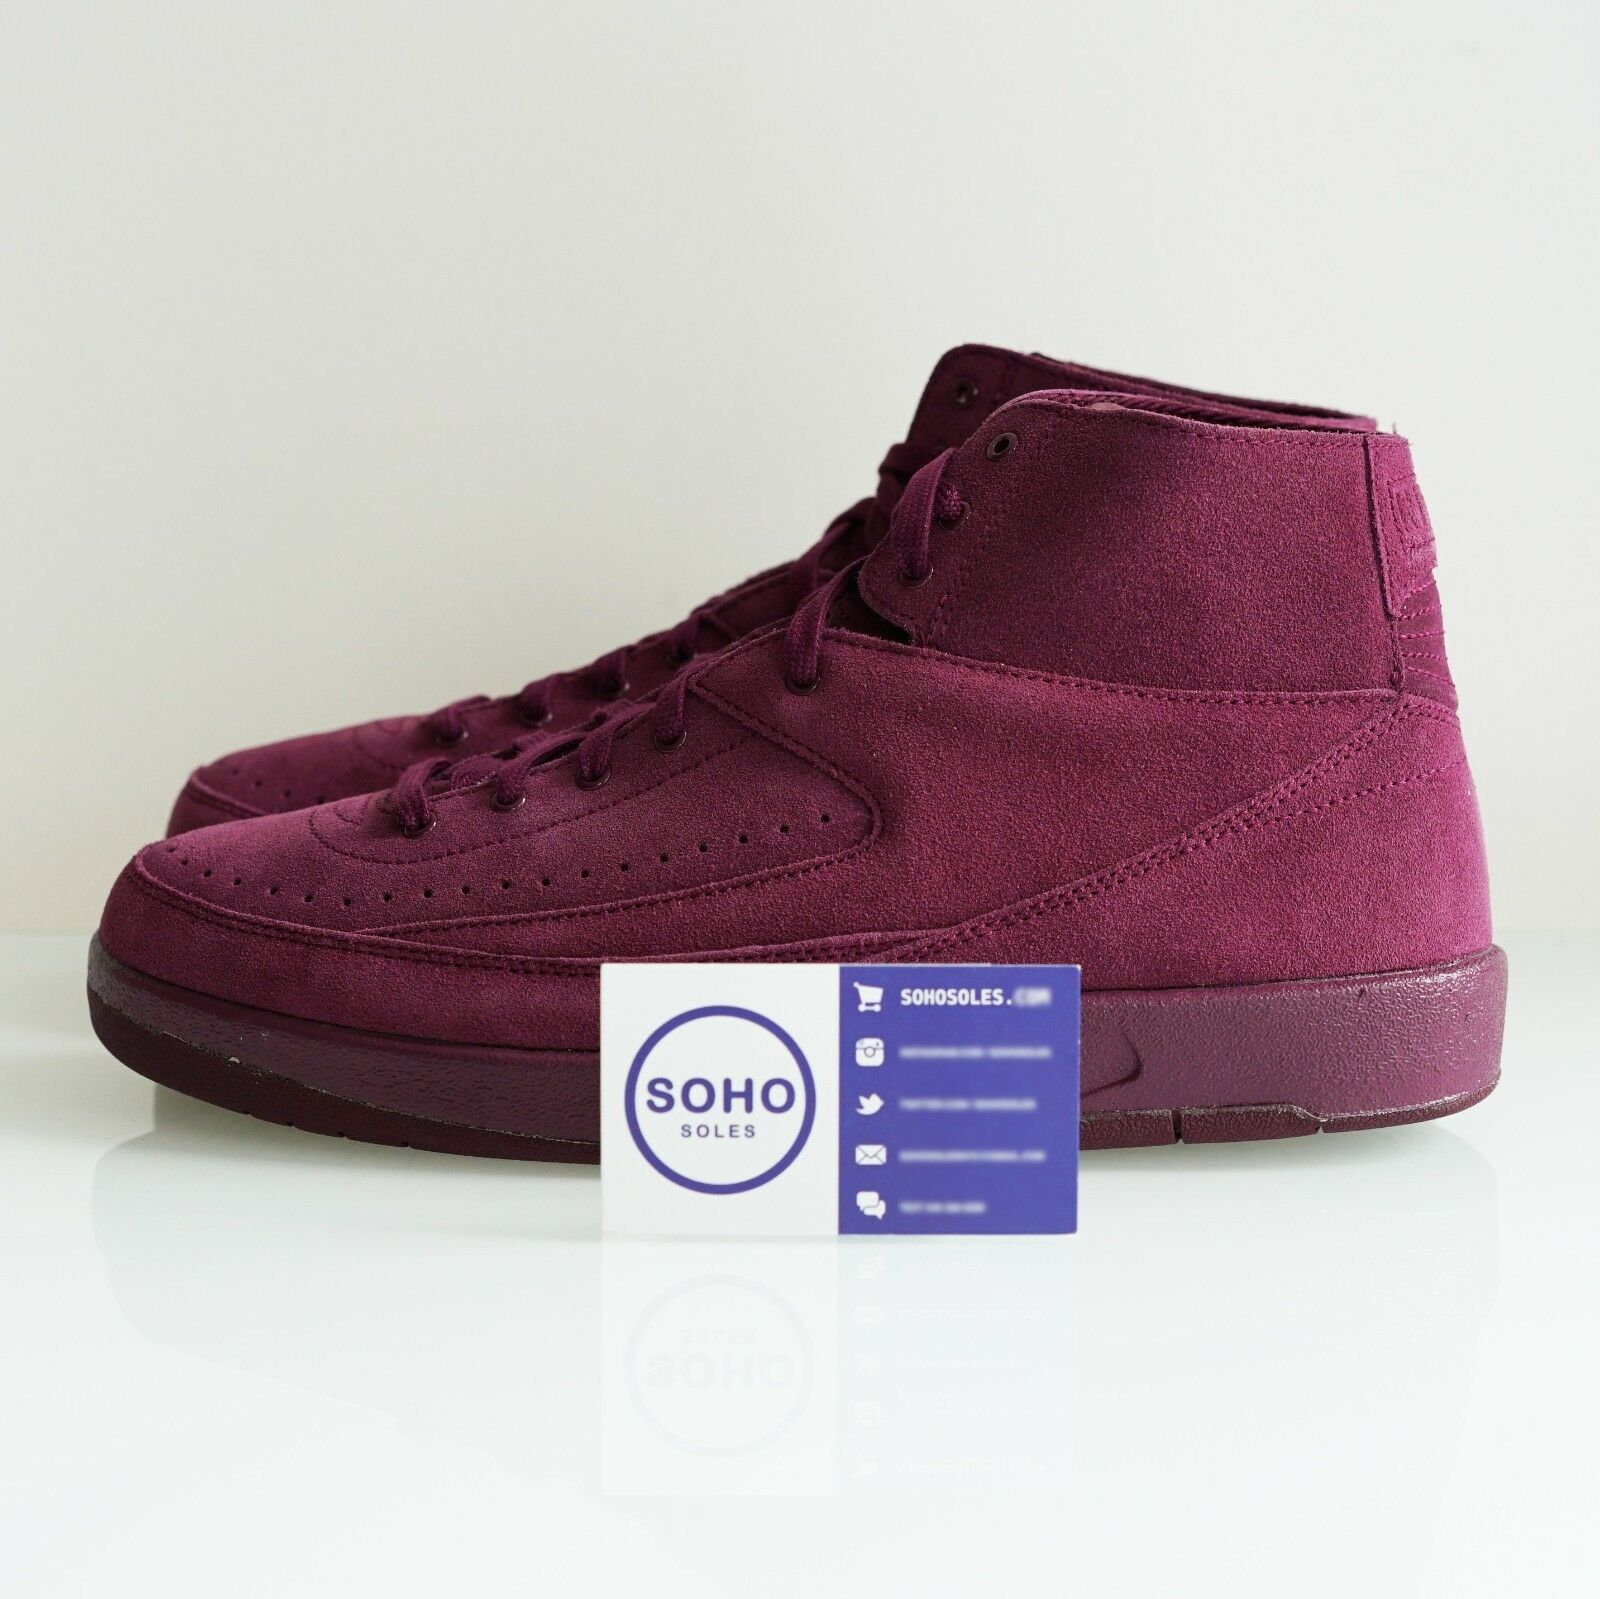 Nike Air Jordan 2 Retro Decon Bordeaux - Comfortable The latest discount shoes for men and women